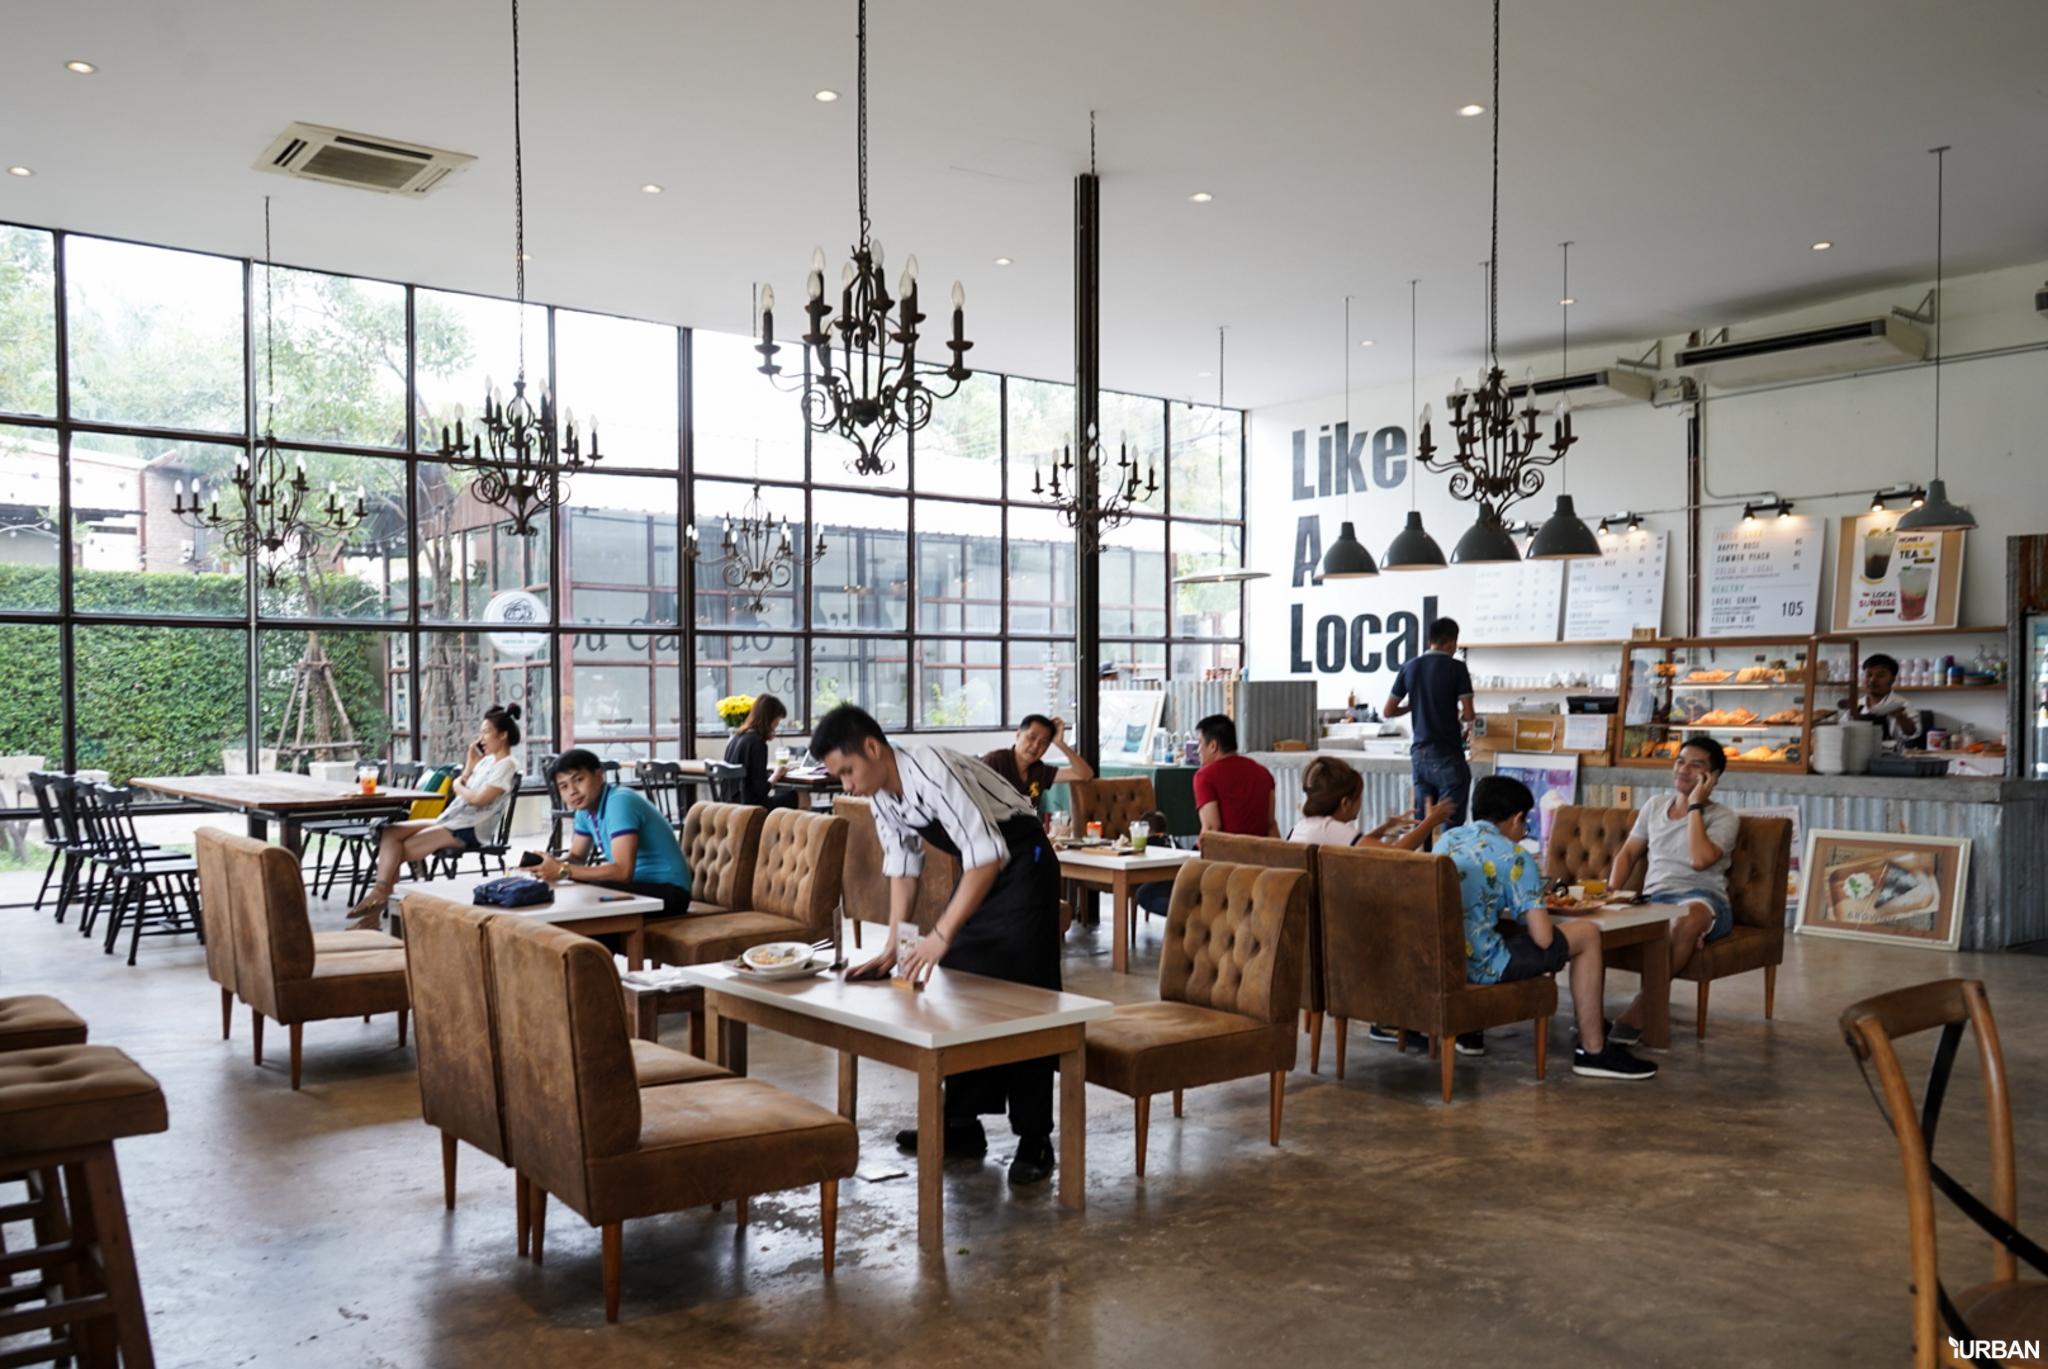 14 ร้านกาแฟ ม.เกษตร คาเฟ่สไตล์นักศึกษาและคนทำงาน + สำรวจ Co-Working Space ที่ KENSINGTON KASET CAMPUS (เคนซิงตัน เกษตร แคมปัส) 102 - cafe